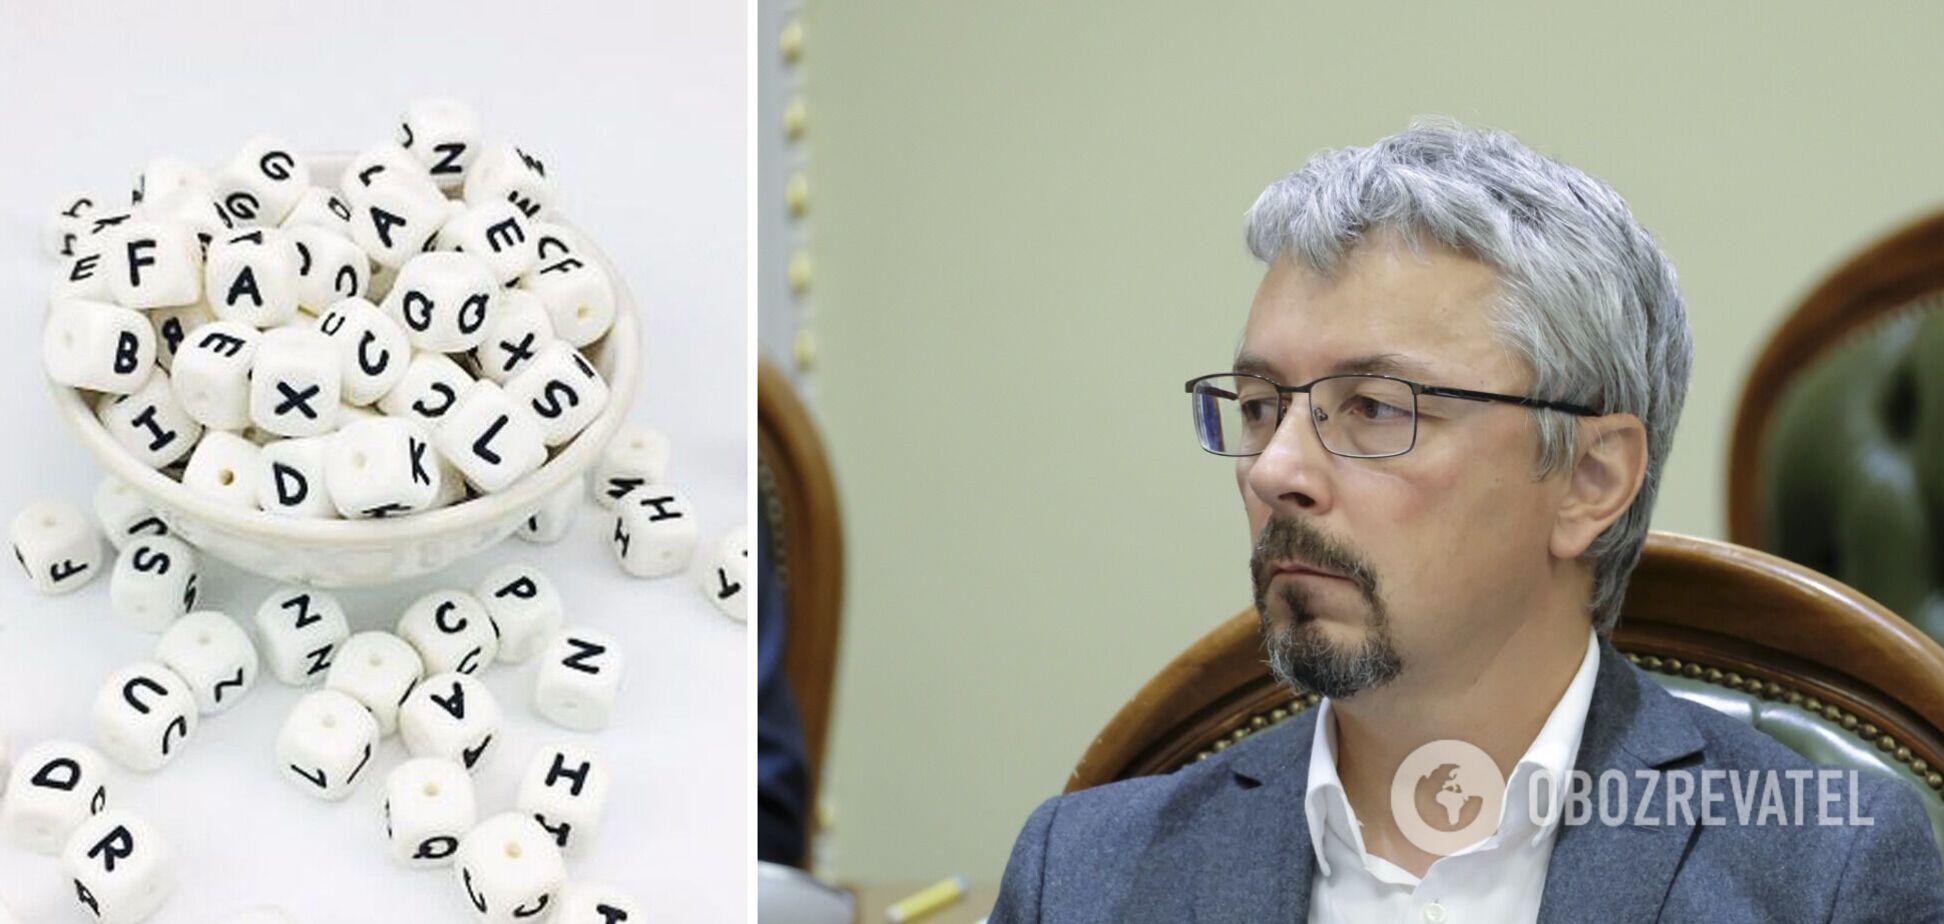 Ткаченко о возможности перехода Украины на латиницу: сначала нужно выучить украинский язык